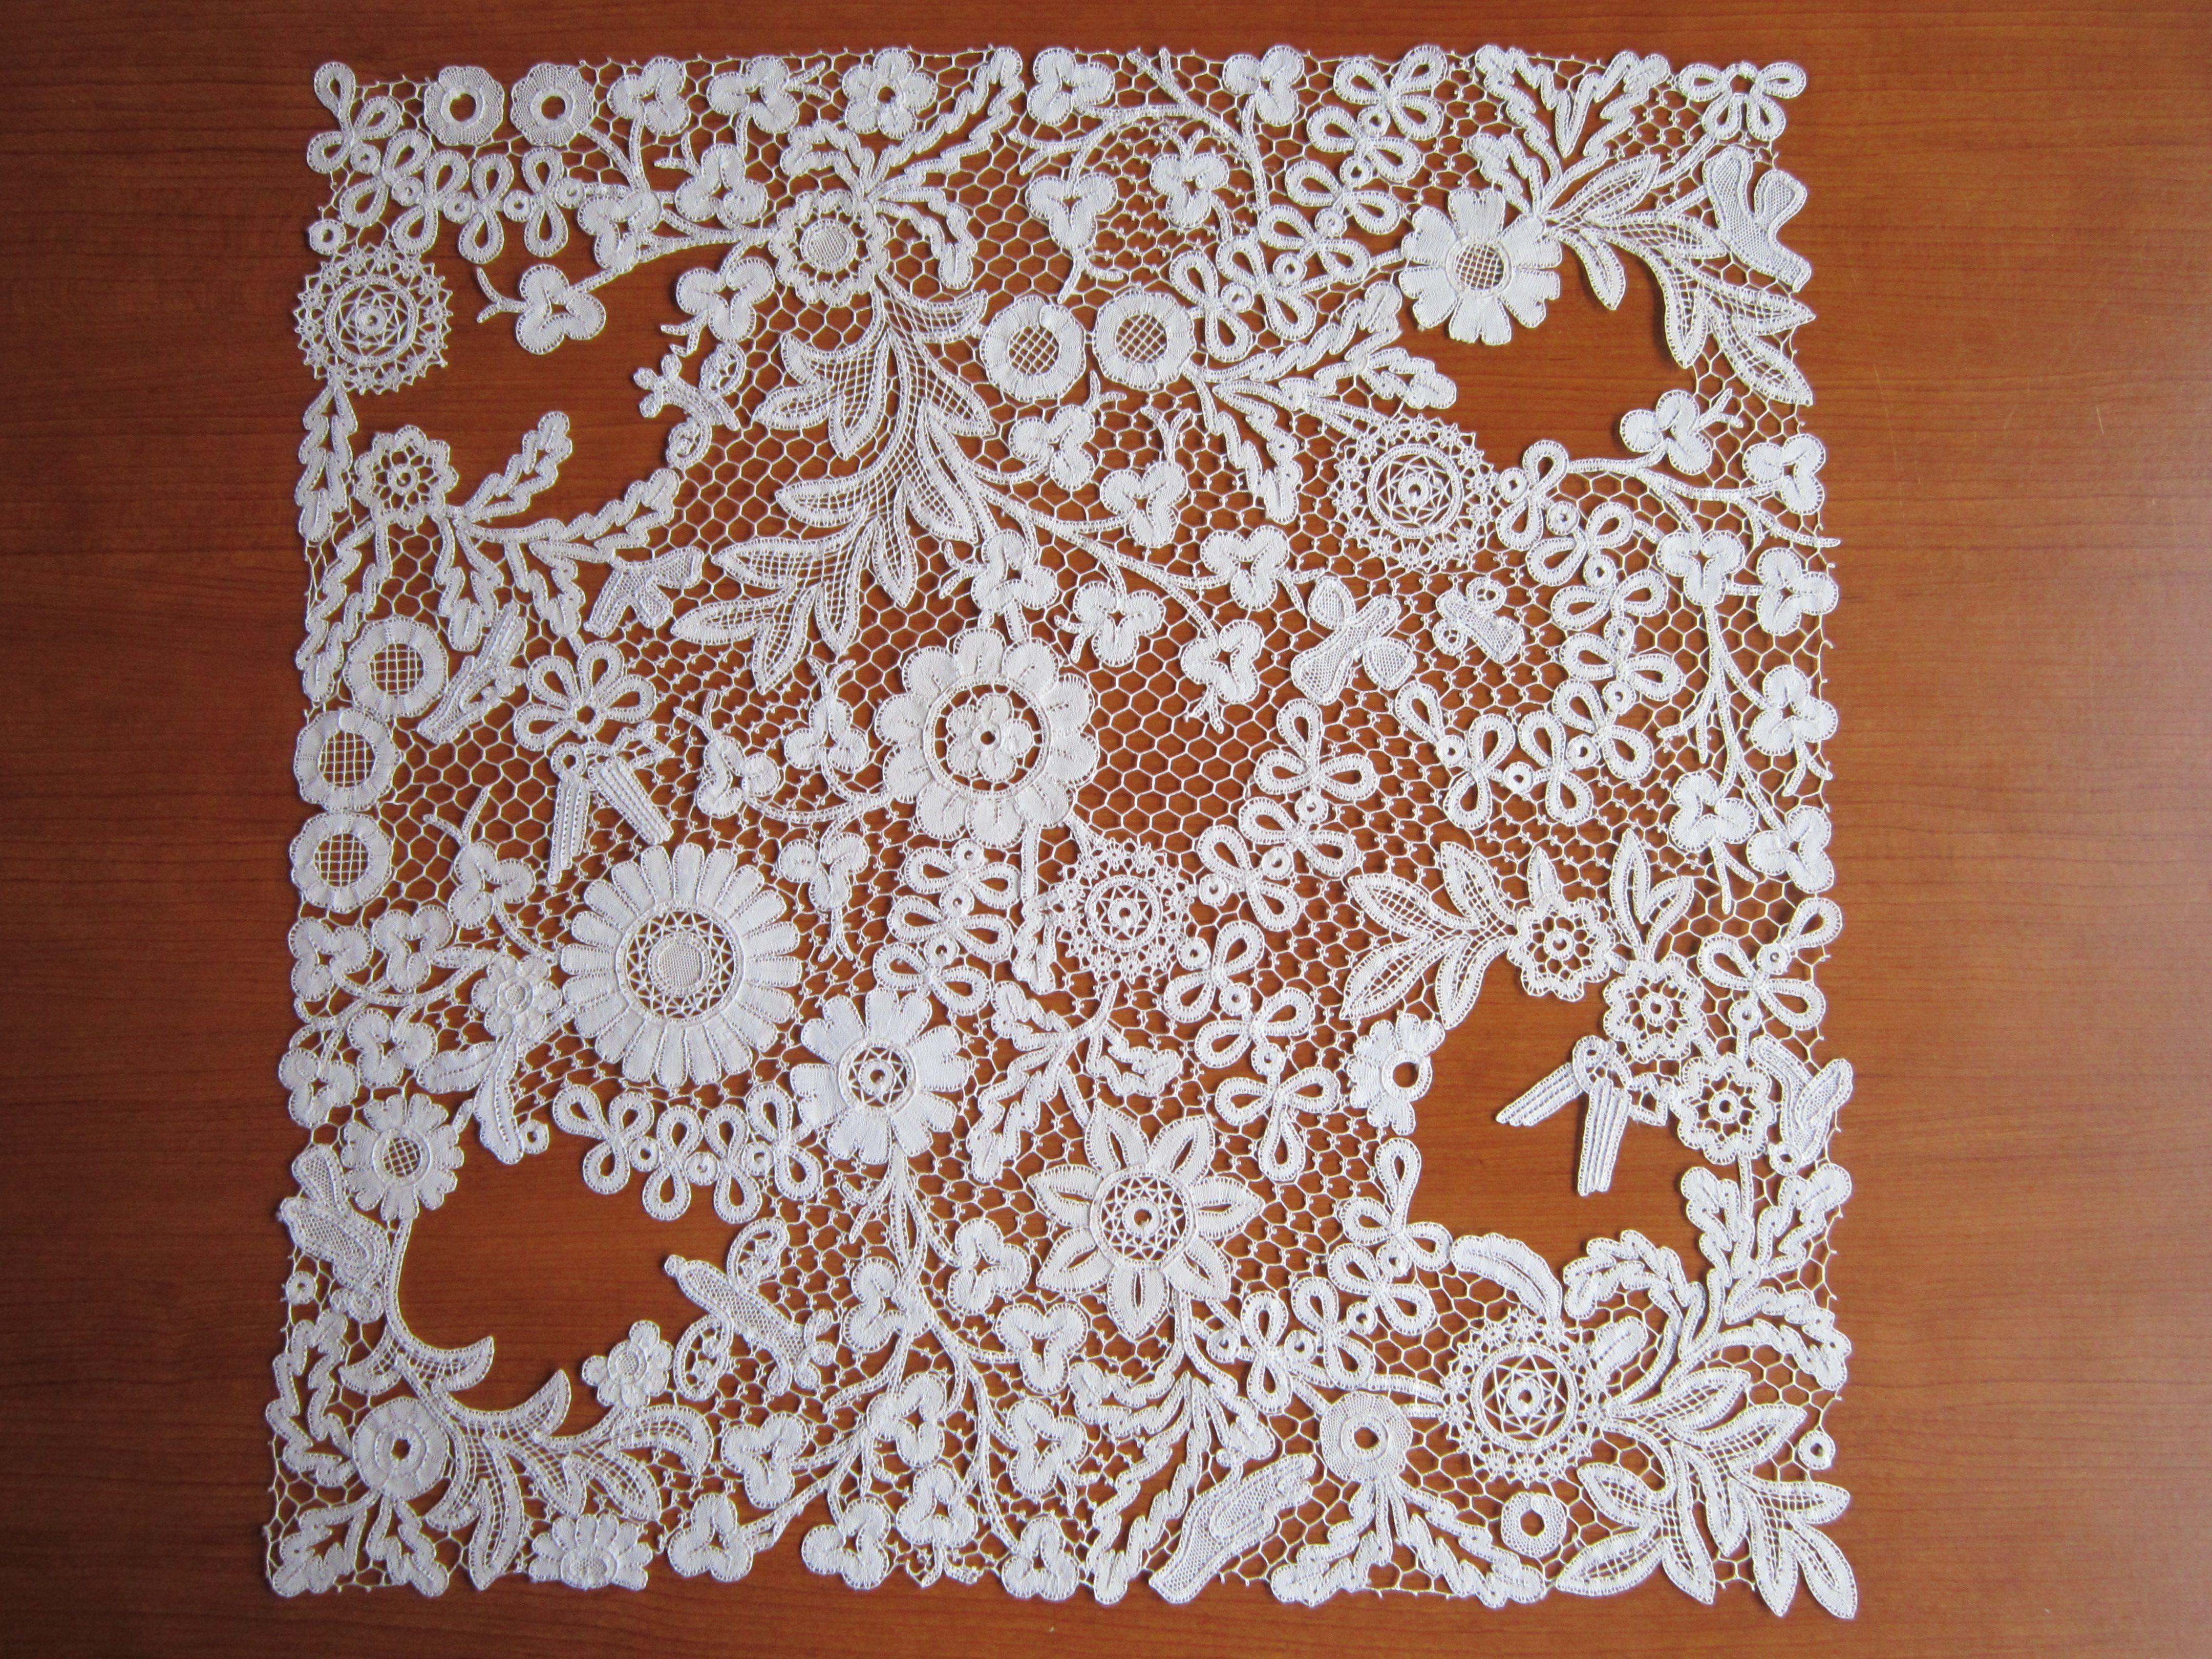 Idrija lace from Slovenia